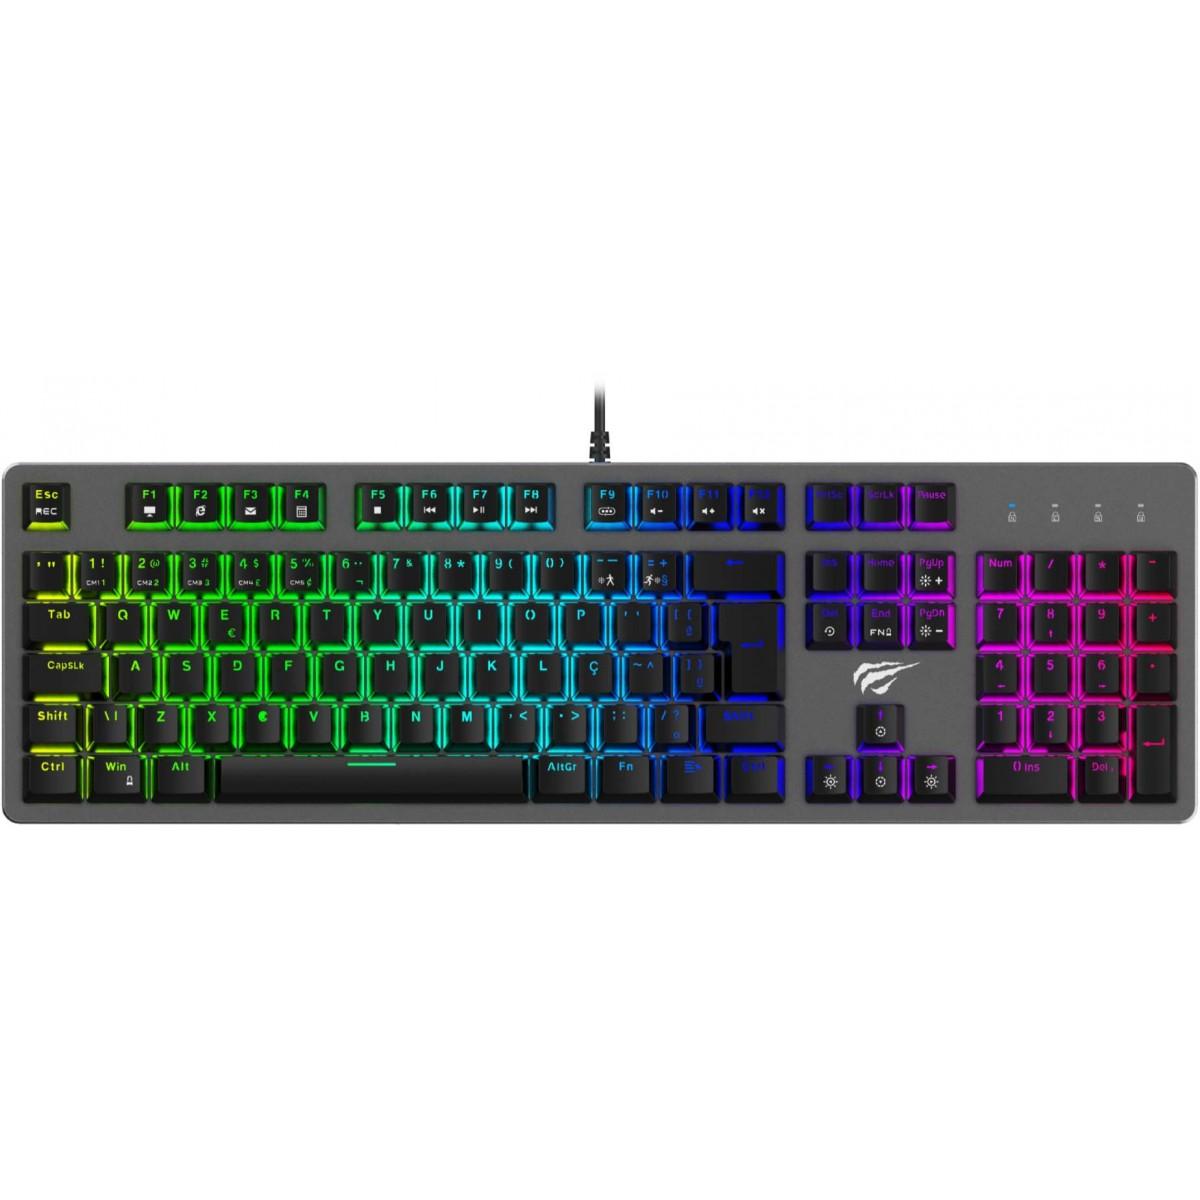 Teclado Mecânico Havit RGB, Switch Blue, ABNT-2, Black, KB493L